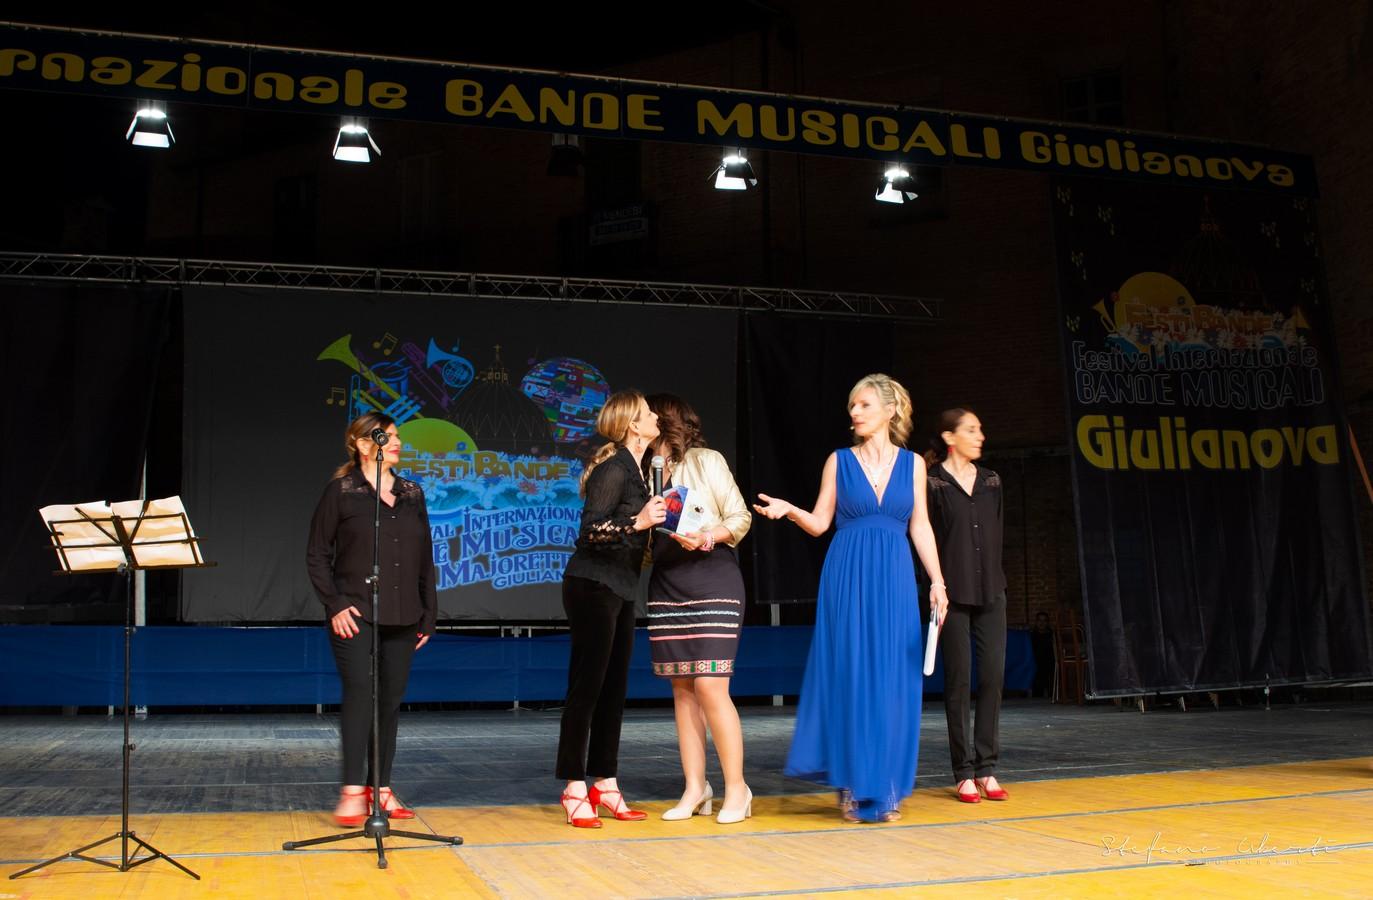 festival-bande-giulianova41